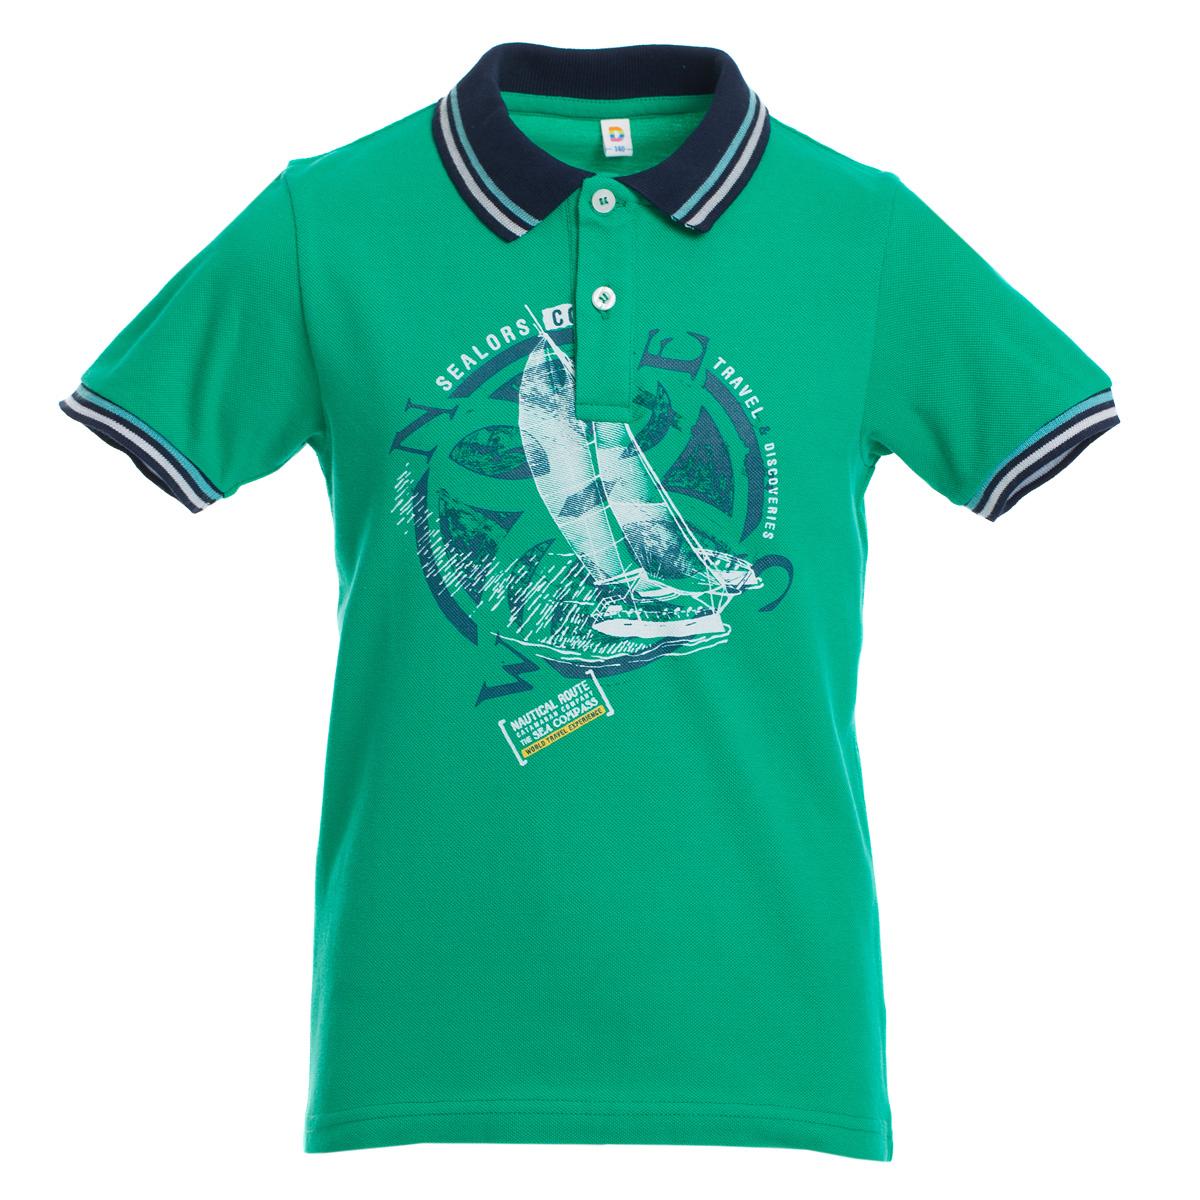 Рубашка поло DRESSPARK, MP-B030306